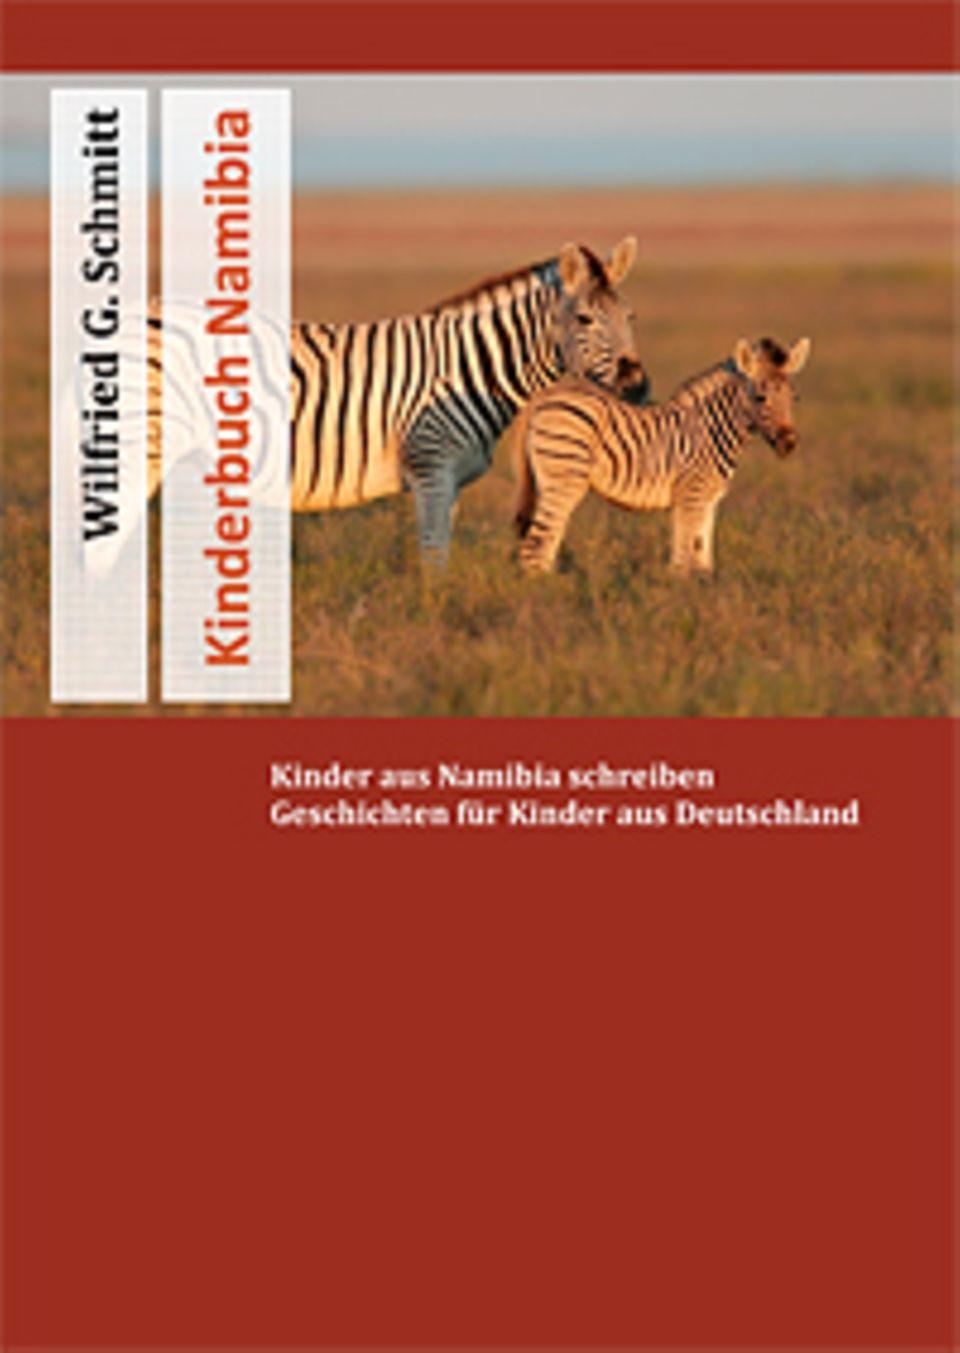 Kinder aus Namibia schreiben für Kinder aus Deutschland